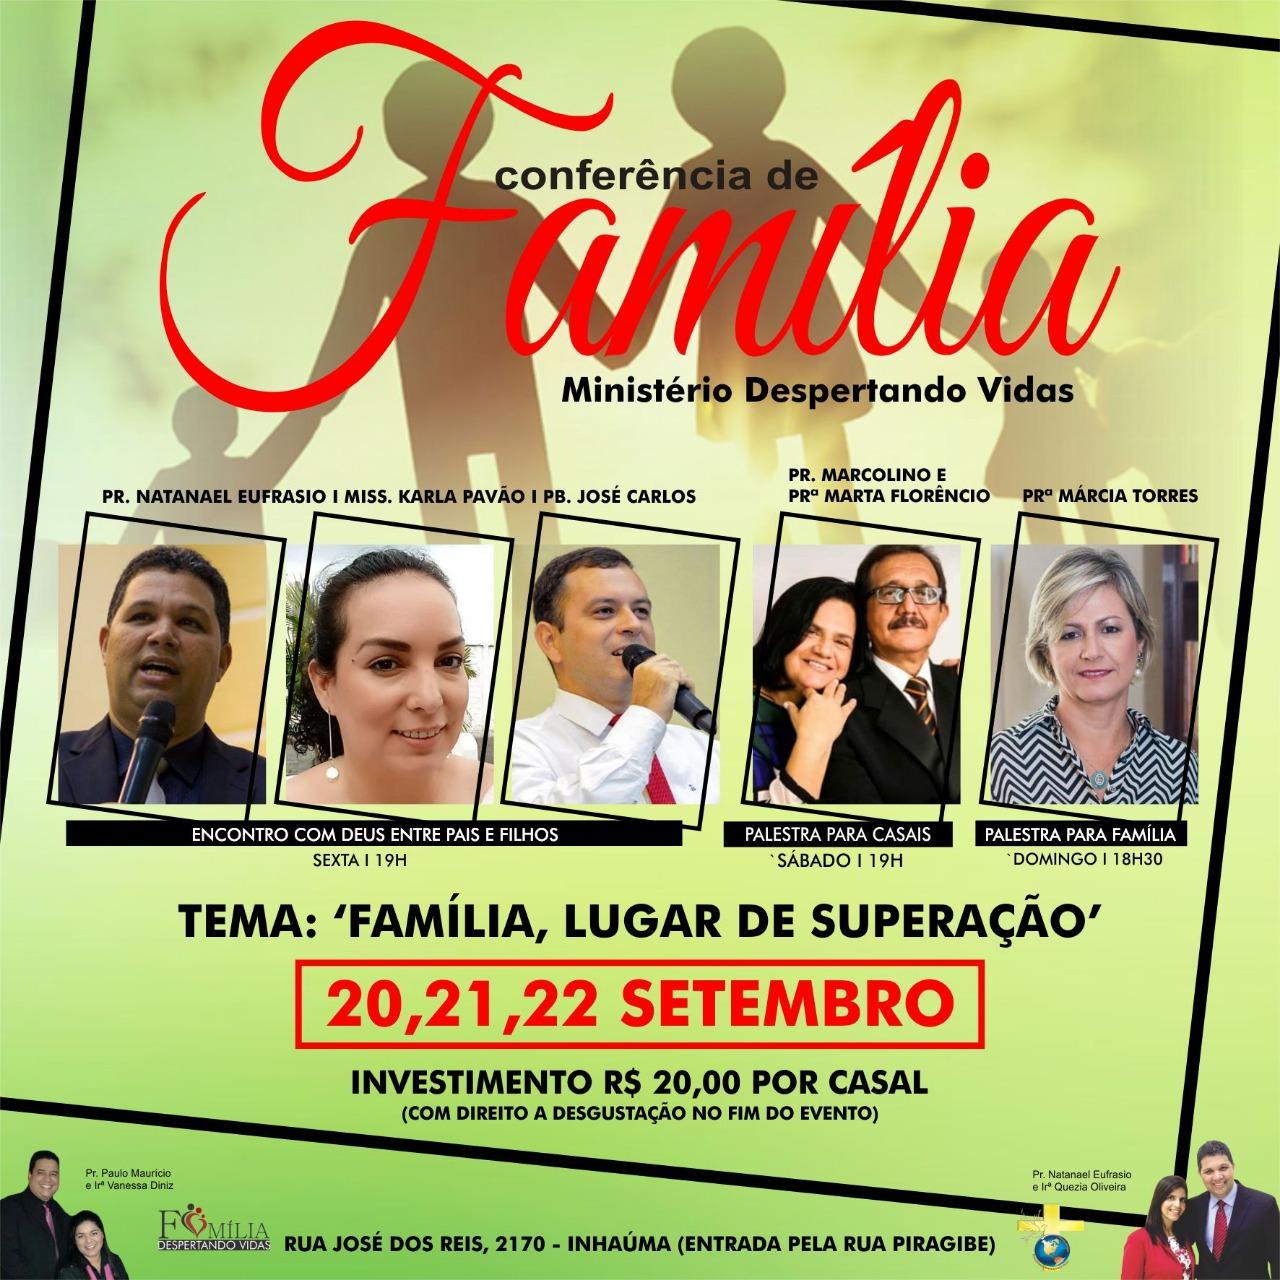 Conferência de Família